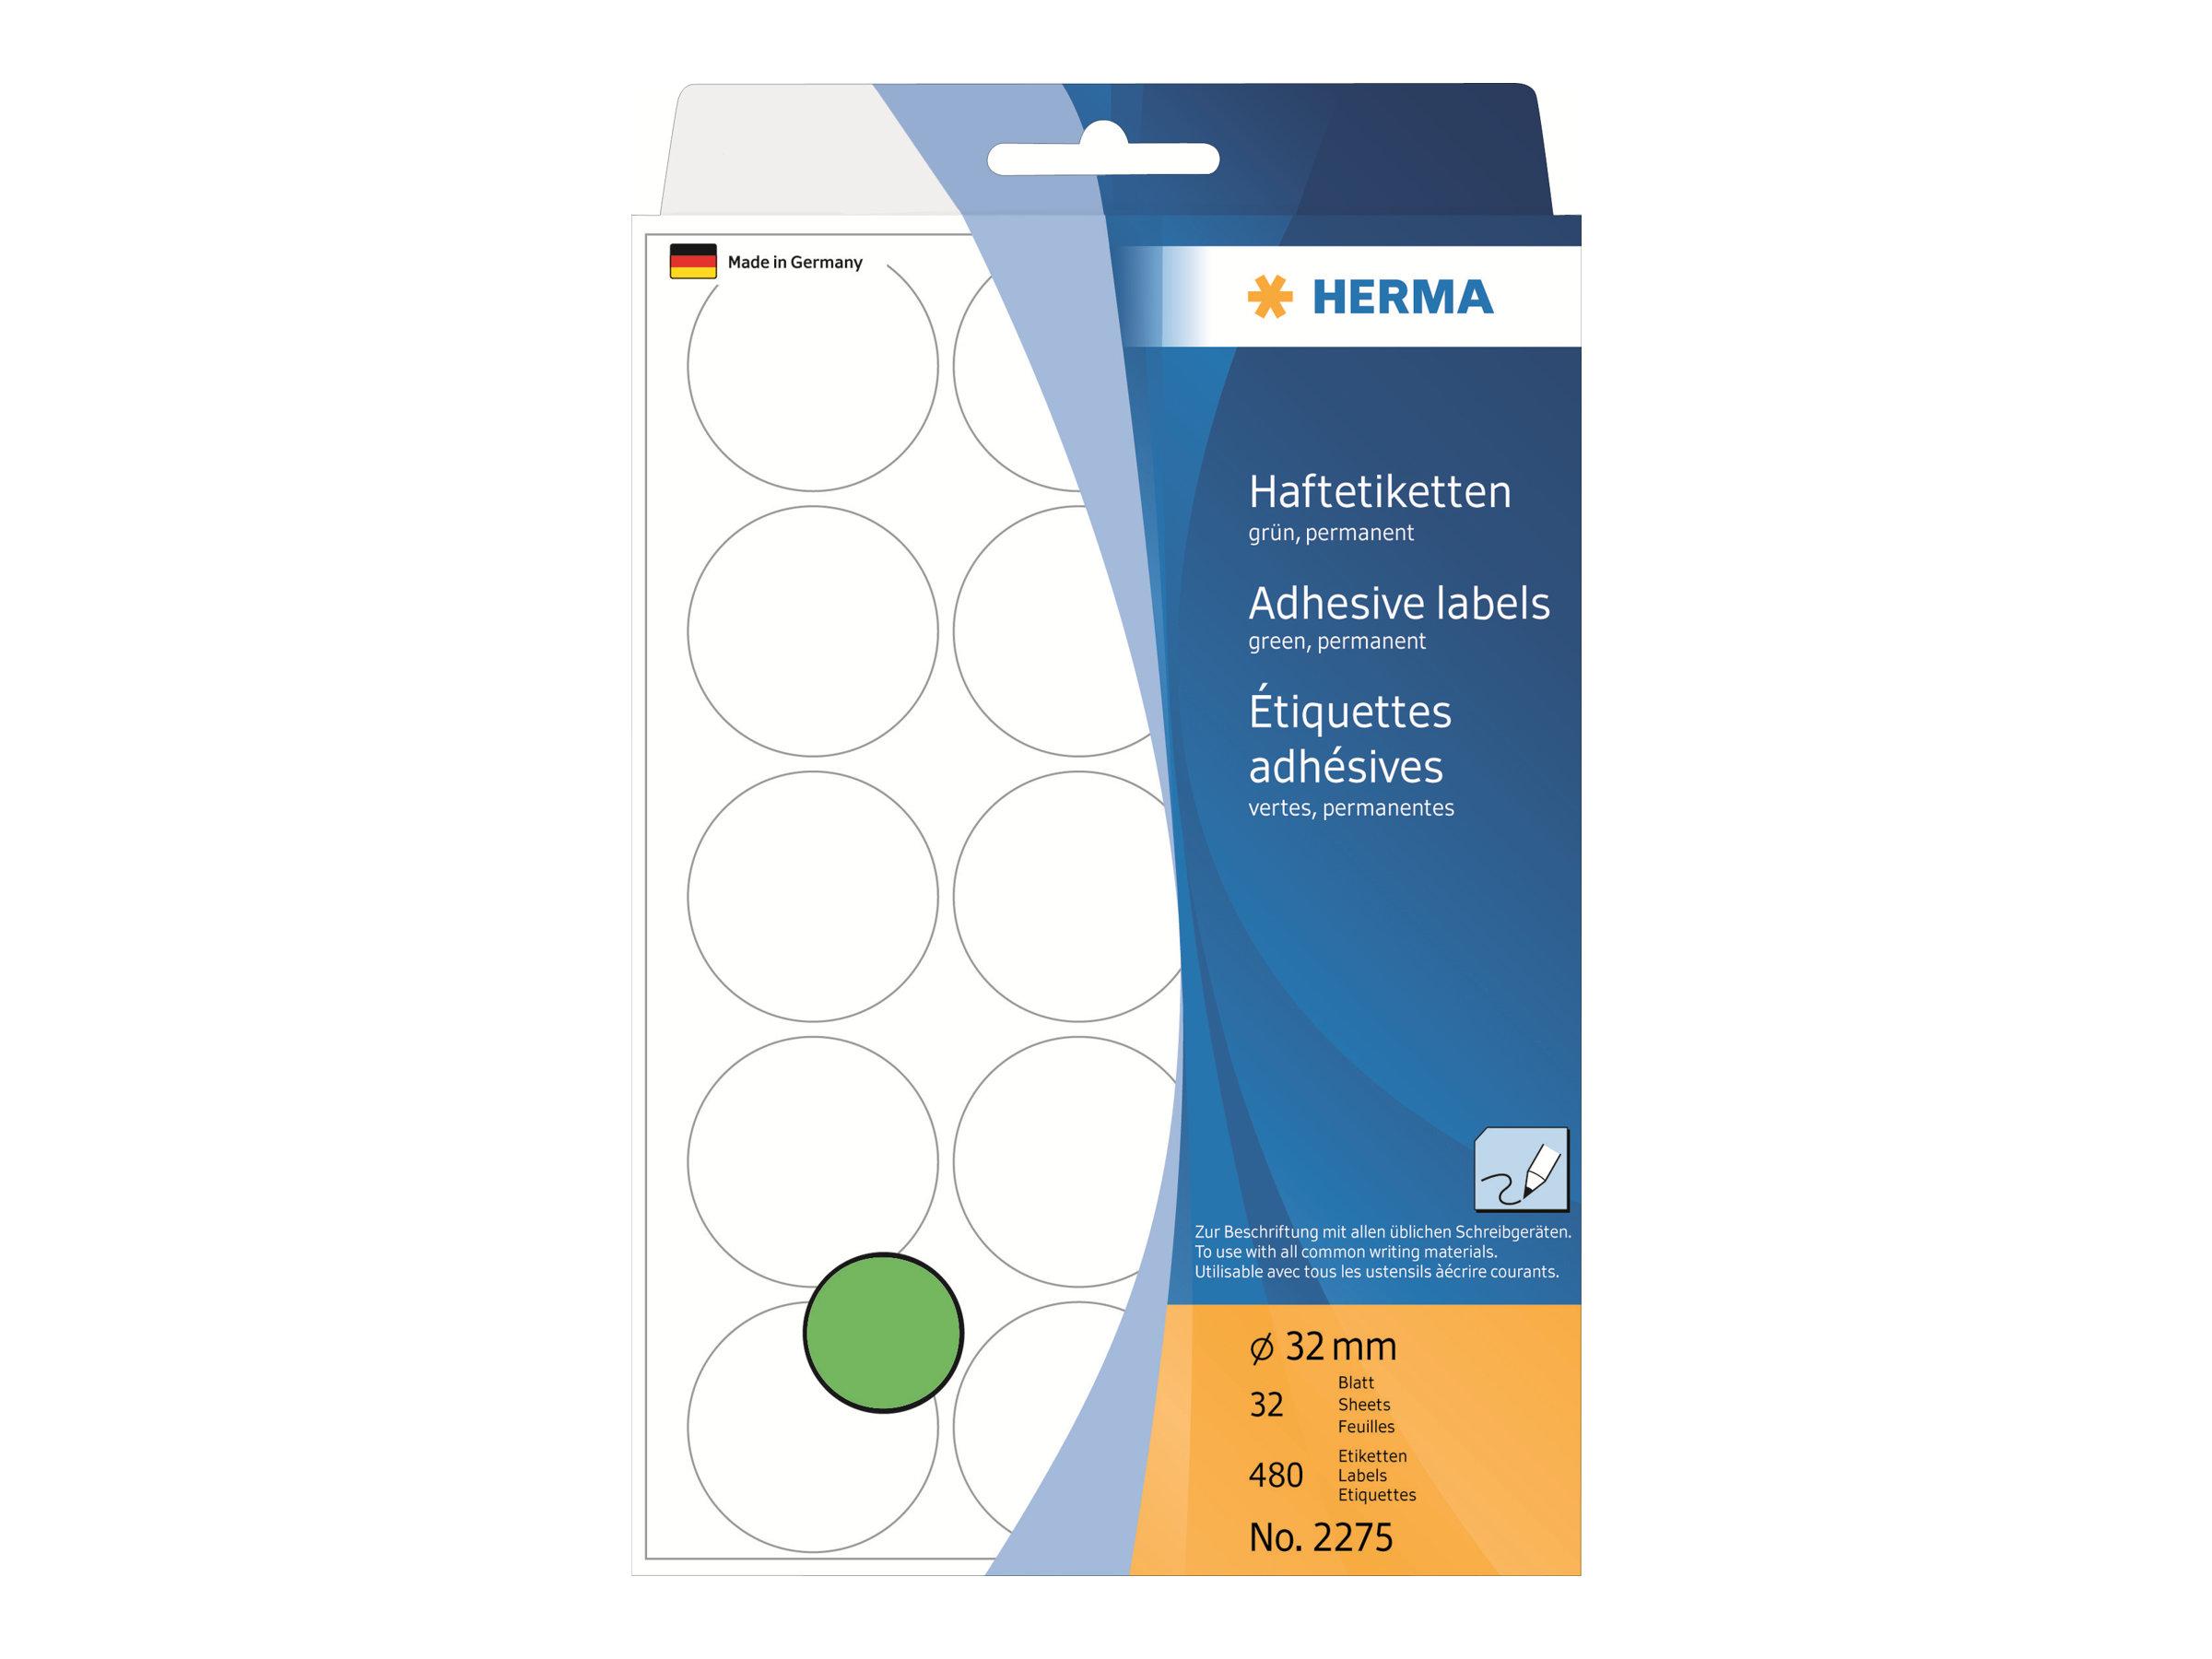 HERMA Papier - permanent selbstklebend - grün - 32 mm rund 480 Etikett(en) (32 Bogen x 15)